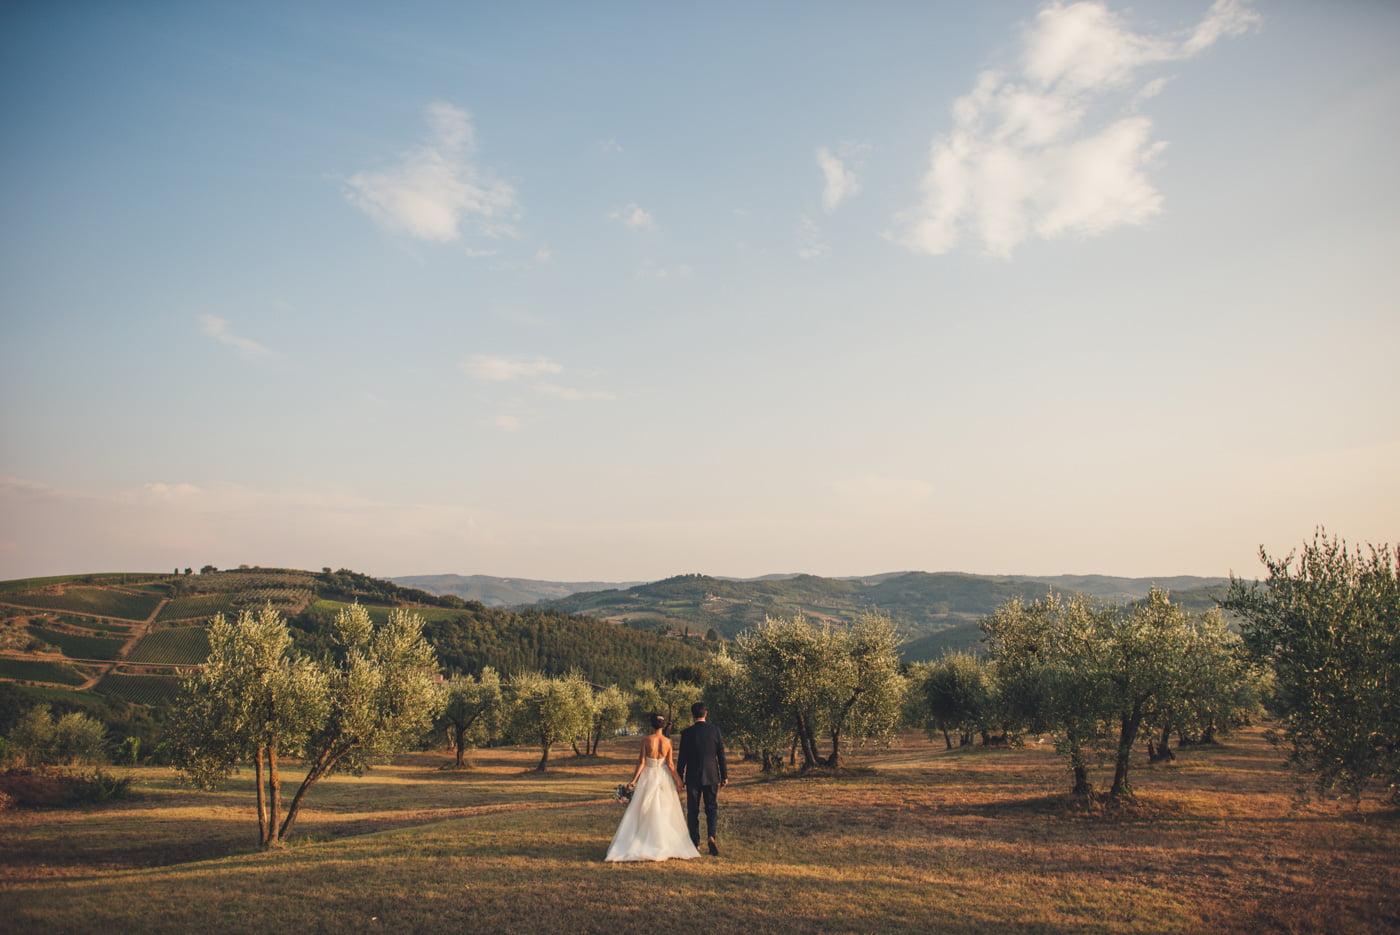 049-wedding-tuscany-rignana